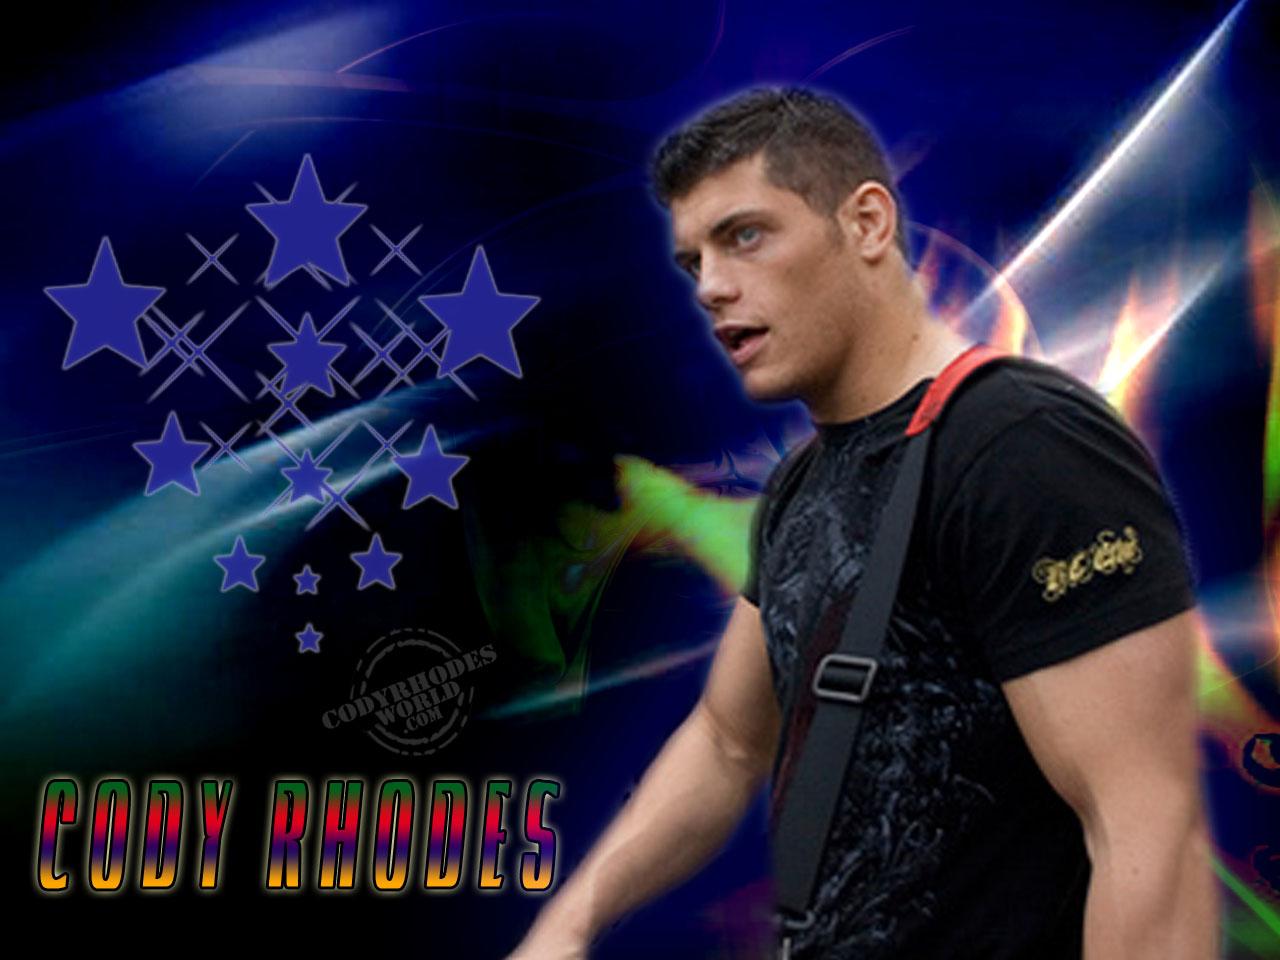 http://1.bp.blogspot.com/-LoedoJPQygw/TkEr_mLo0jI/AAAAAAAAAos/-OpECYRxt7w/s1600/Cody-Rhodes-Wallpaper-9.jpg